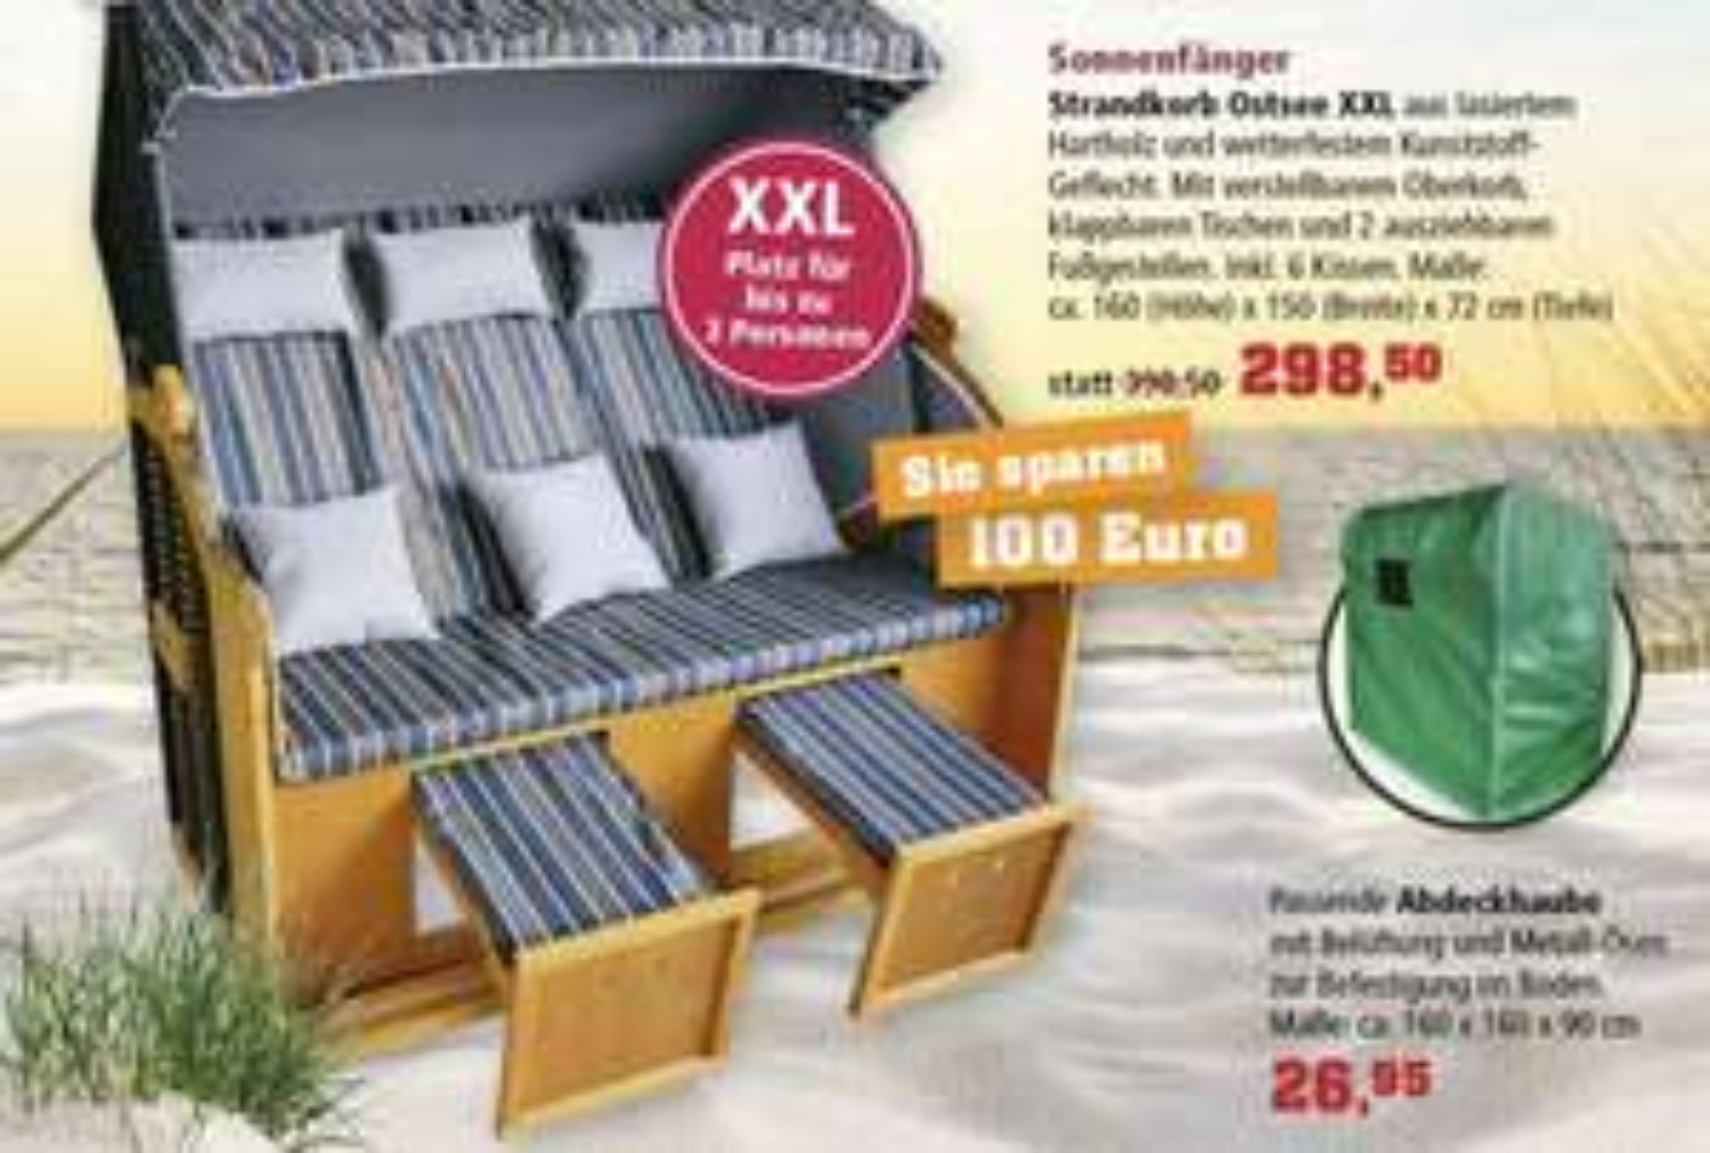 Thomas Philipps Sonderposten Strandkorb Ostsee XXL 298,50€ statt 398,50€